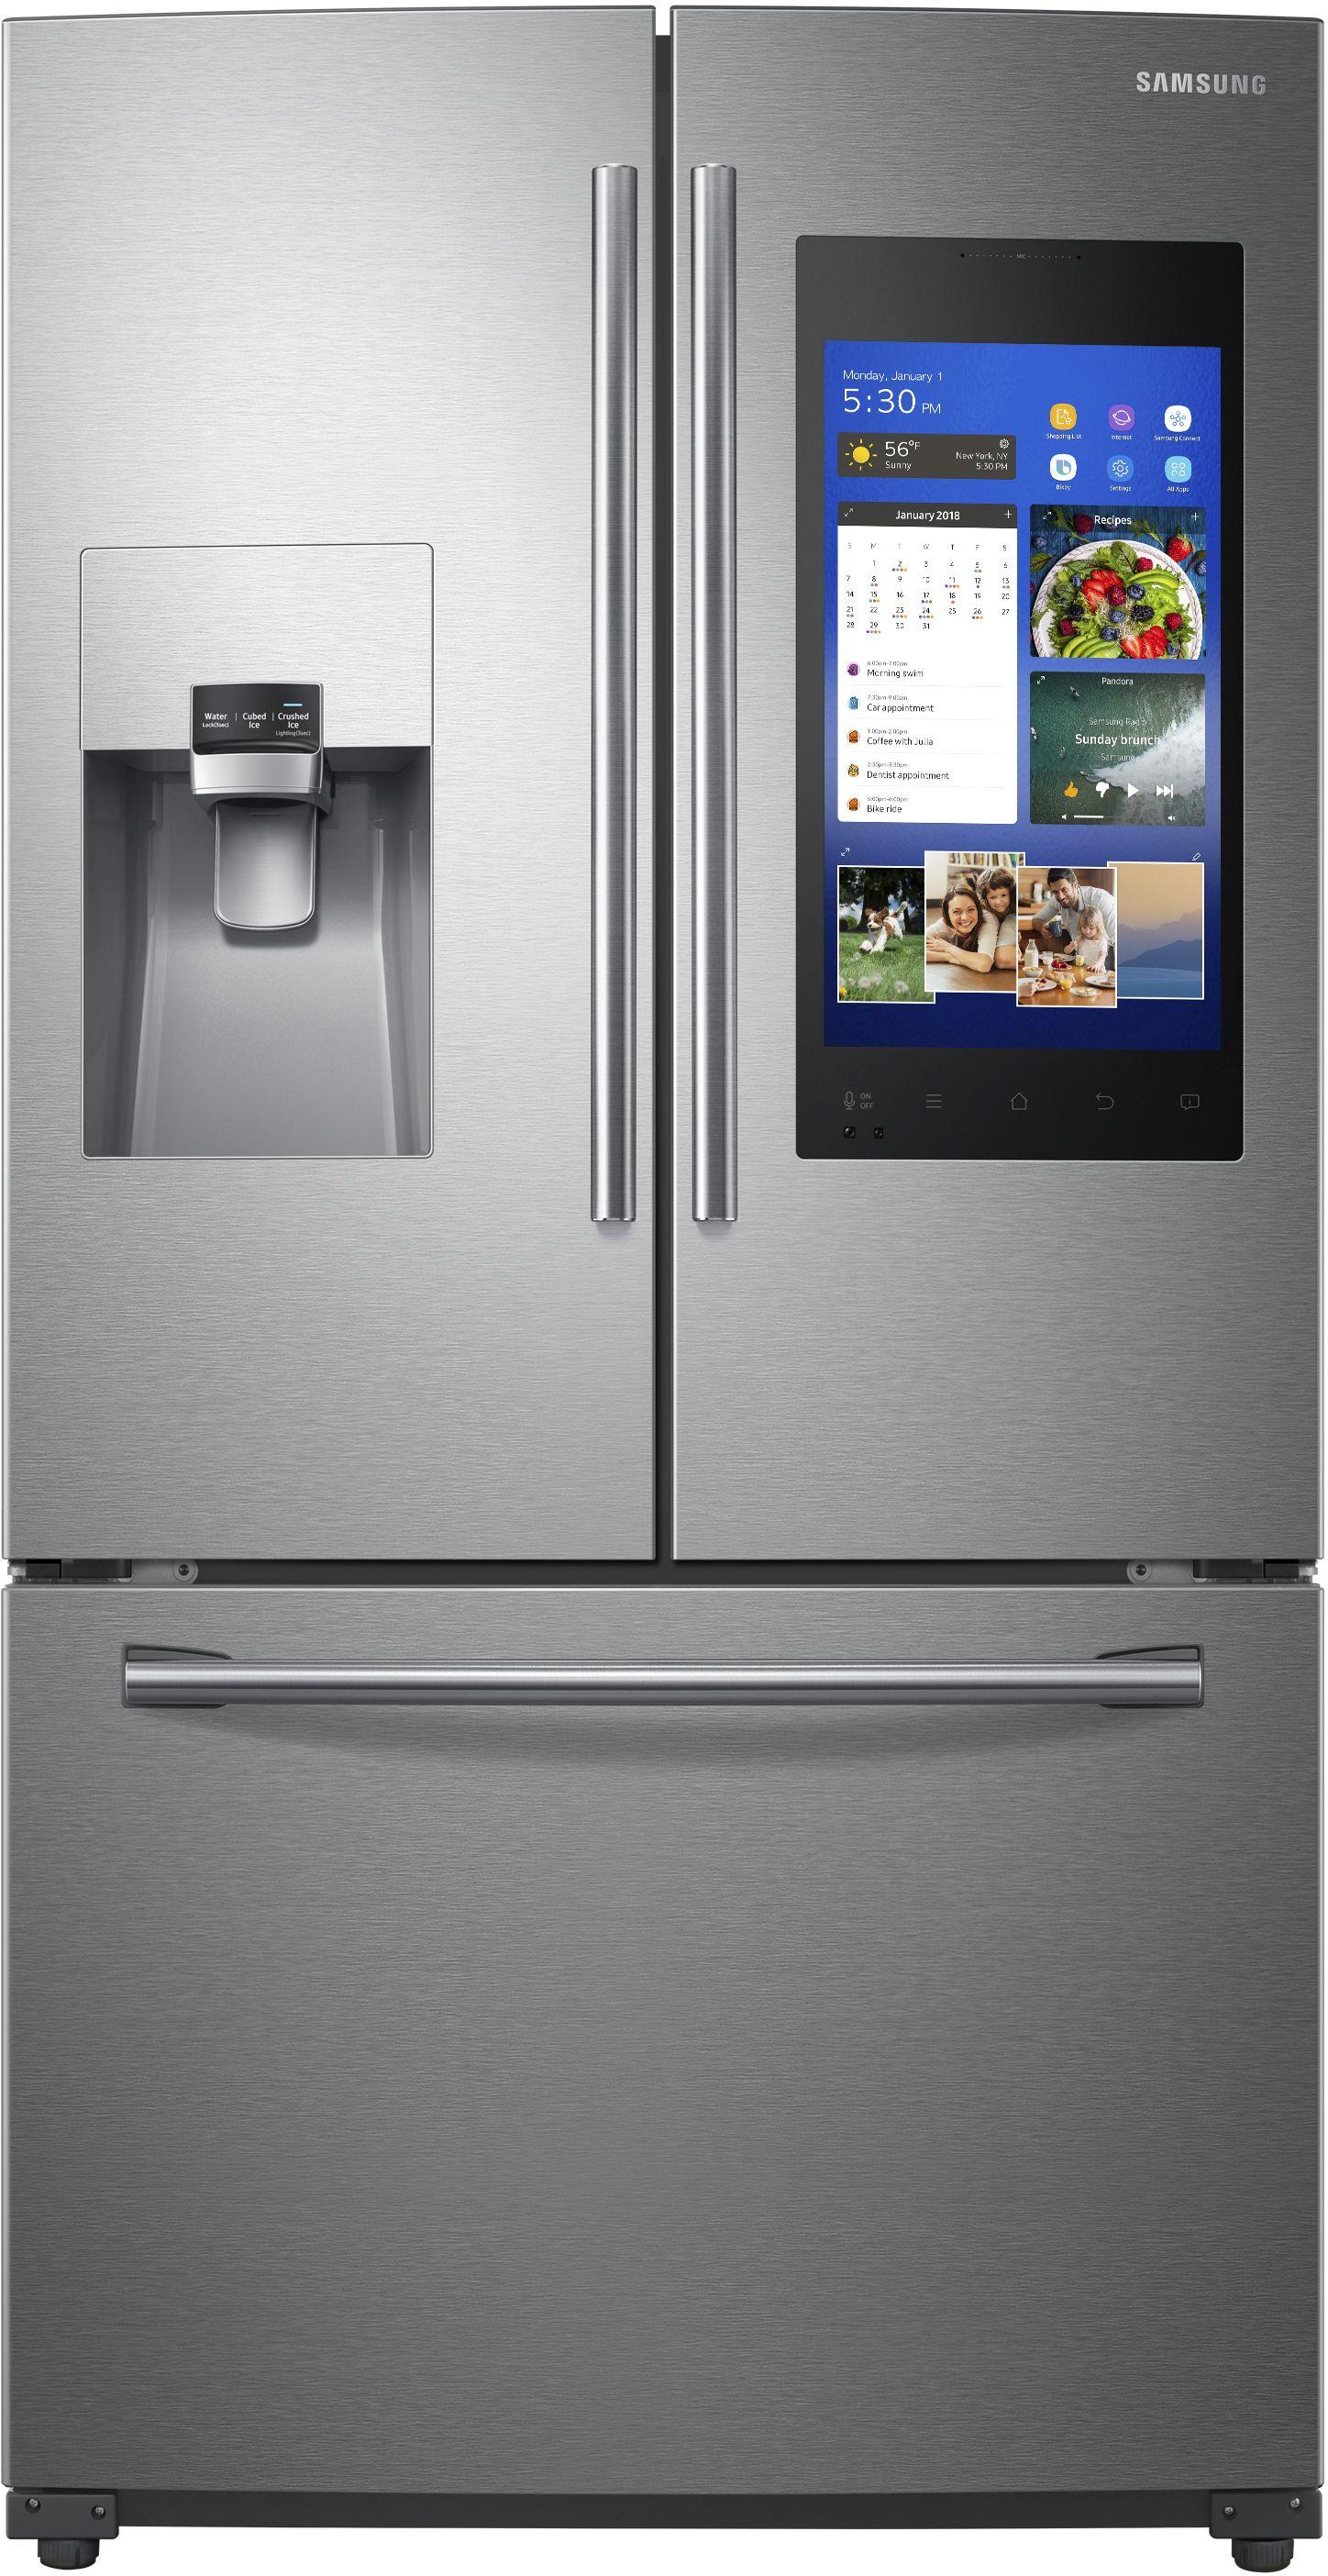 Samsung 26 Cu Ft 3 Door French Door Refrigerator Stainless Steel